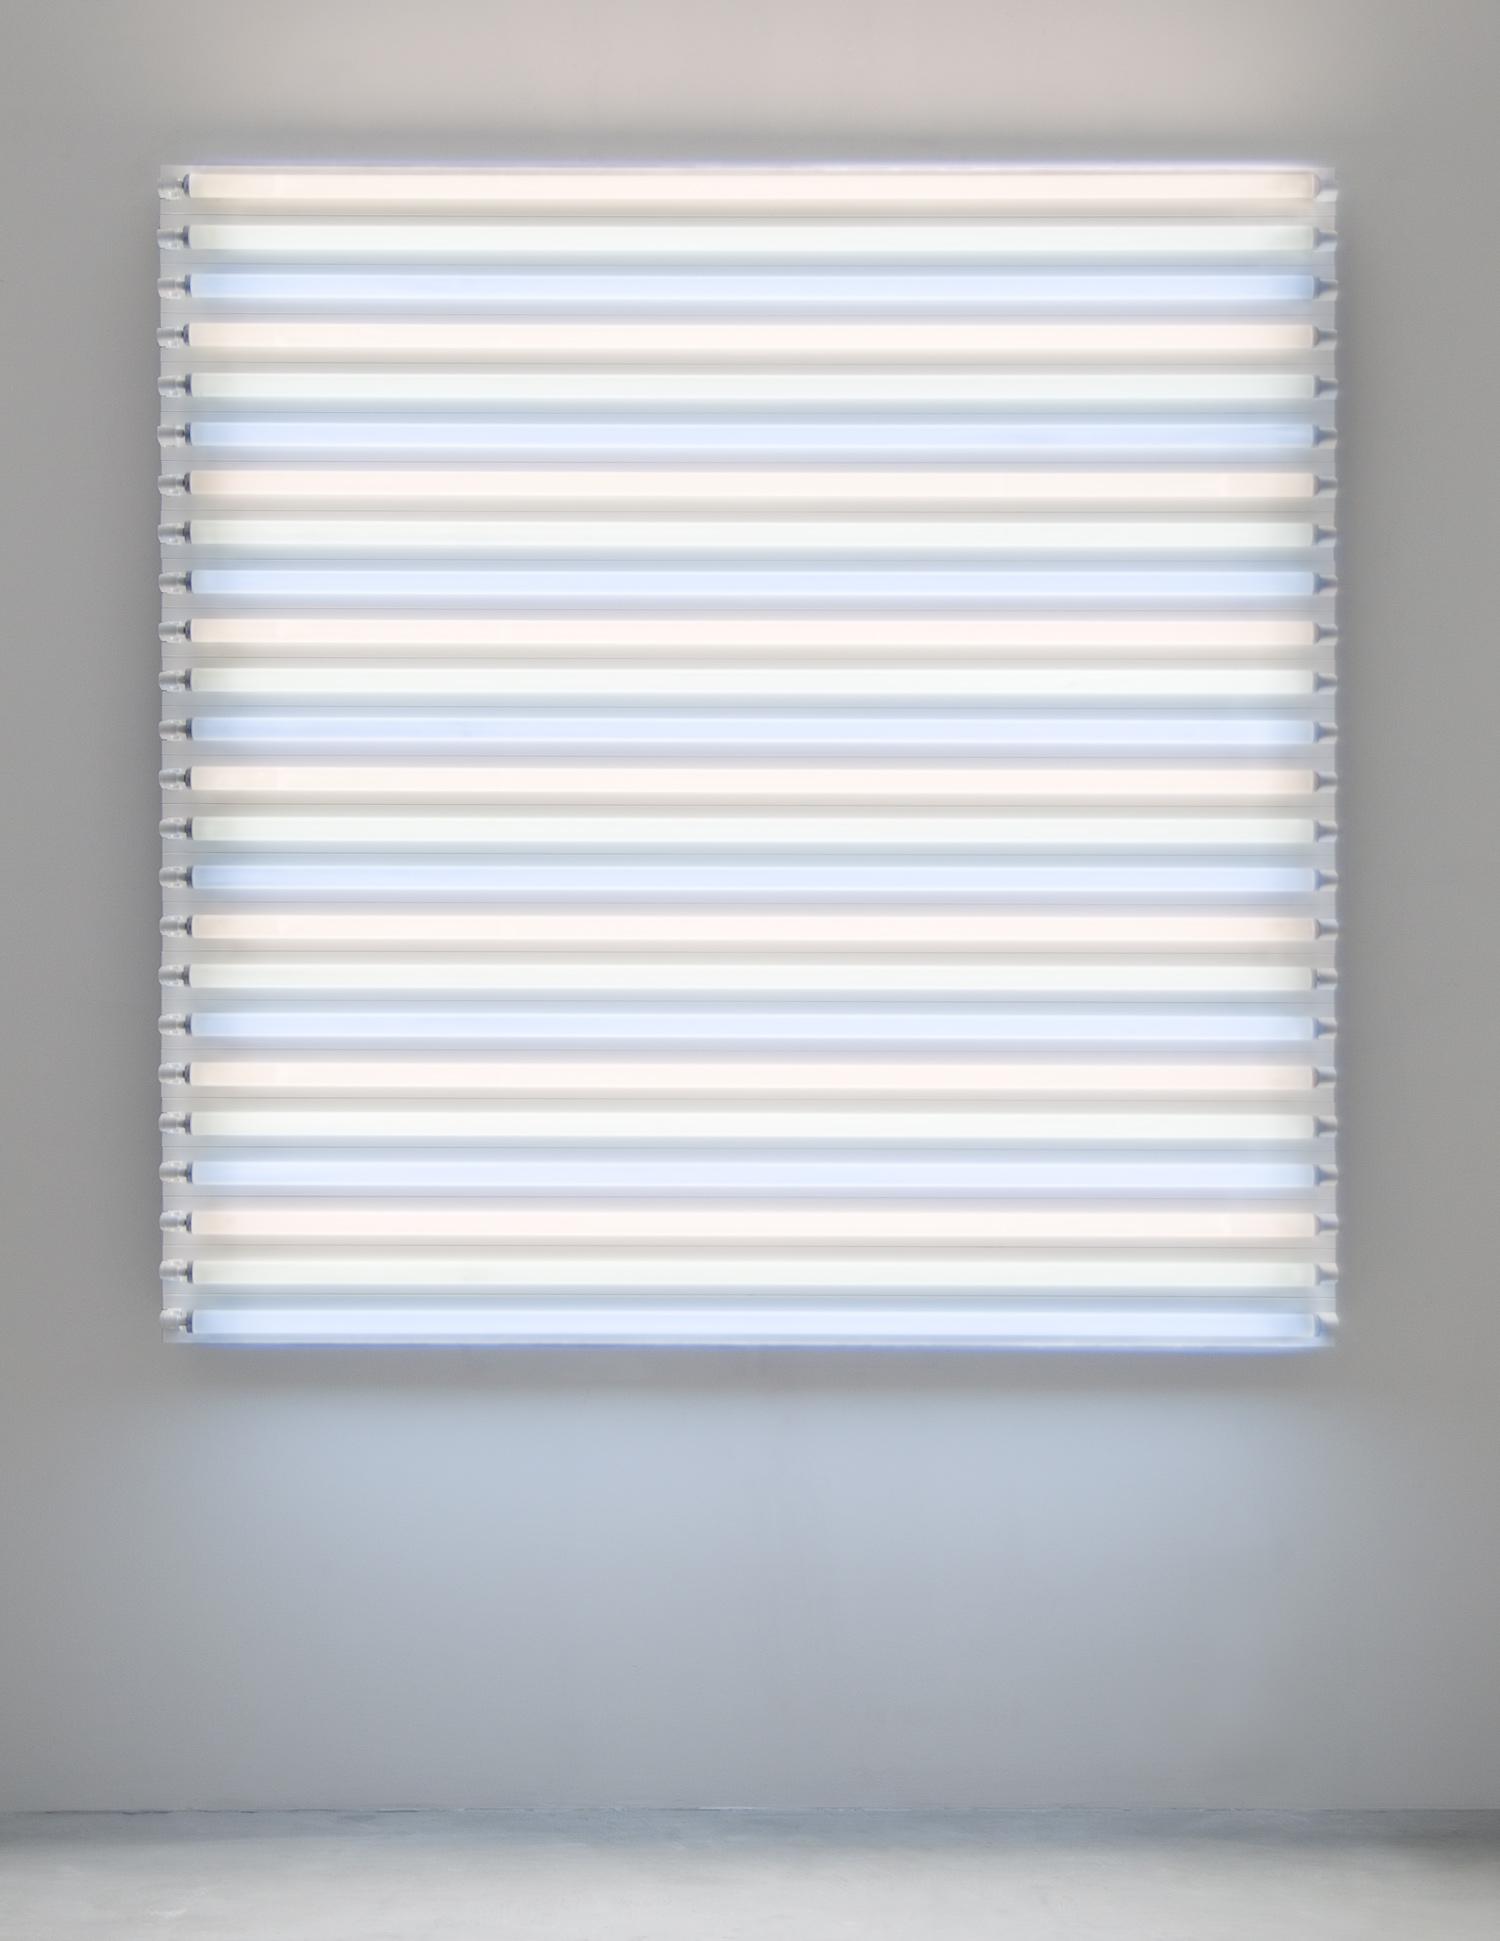 light_lines_1rev.jpg